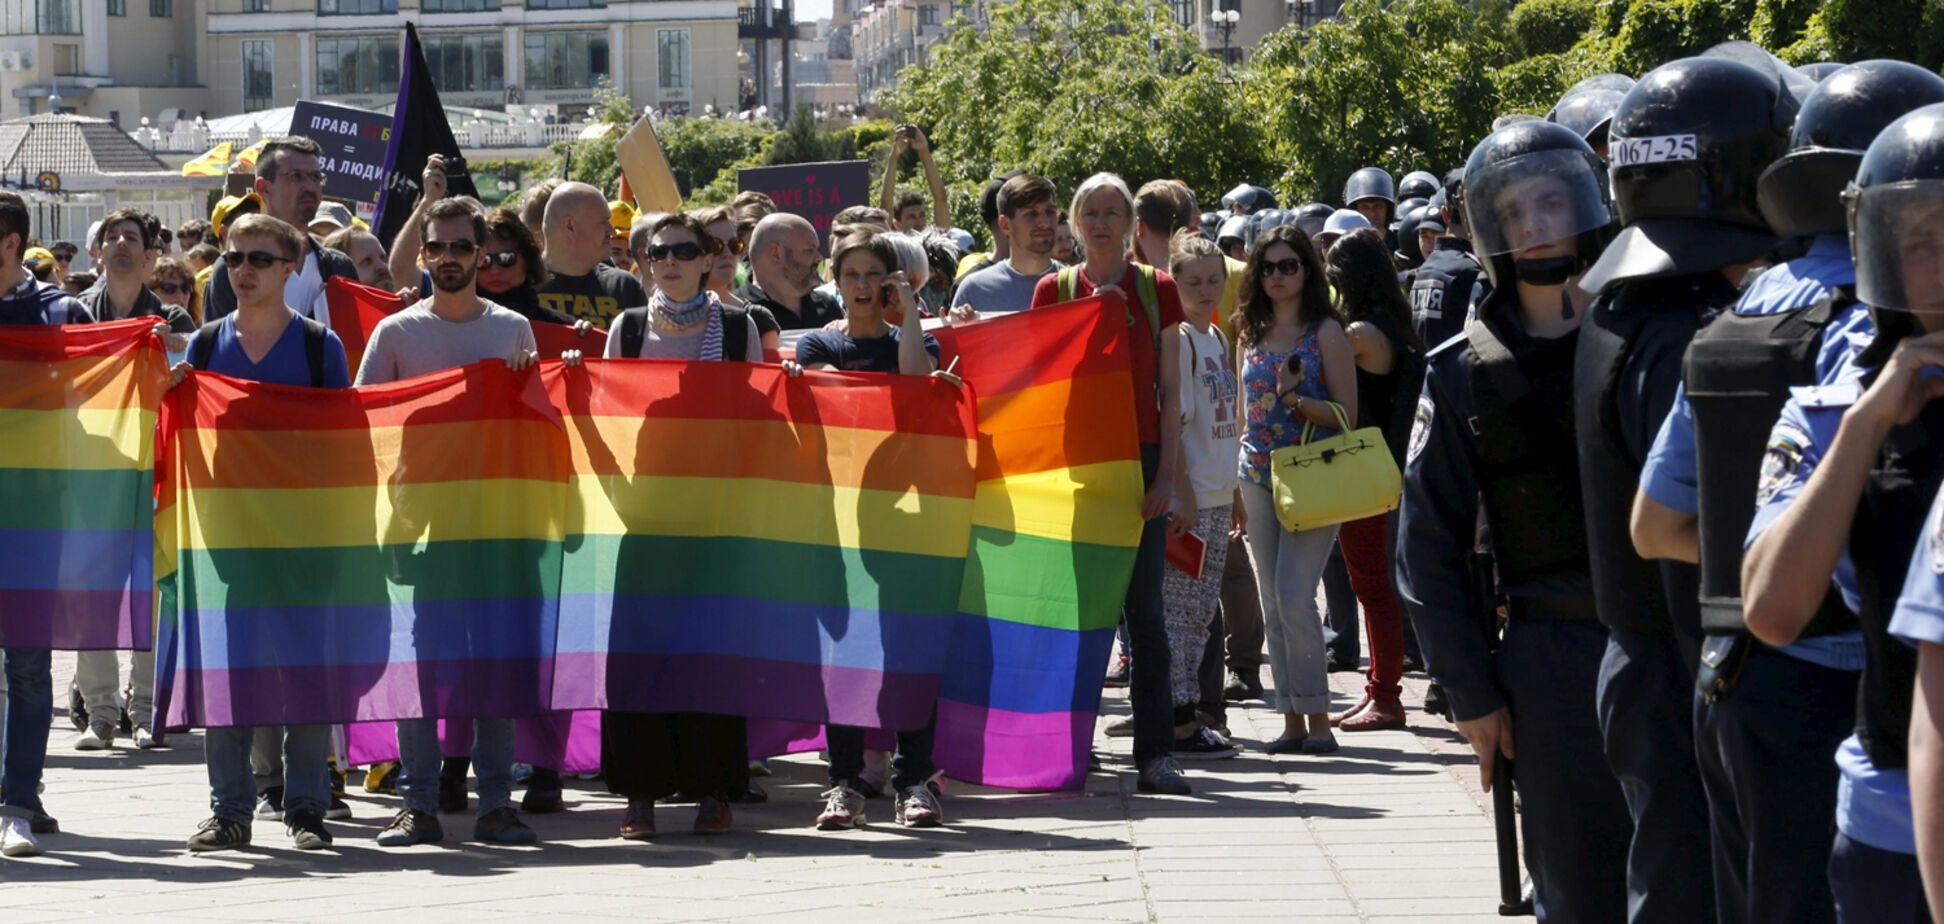 'Там будут девочки': лидер C14 рассказал, зачем пойдет на марш ЛГБТ